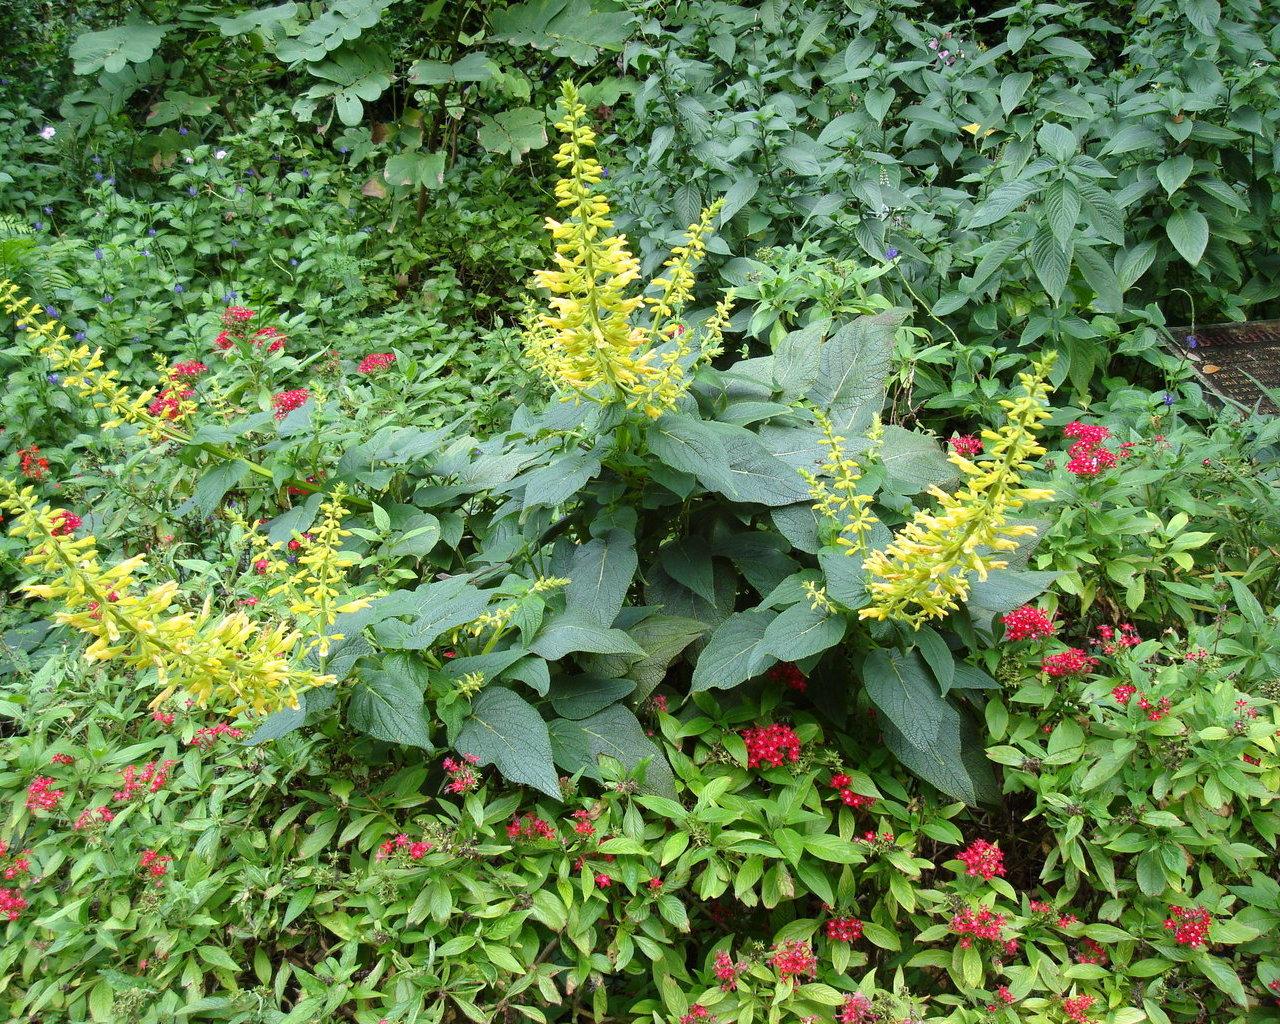 Jardines ex ticos fondos de escritorio for Imagenes de jardines exoticos